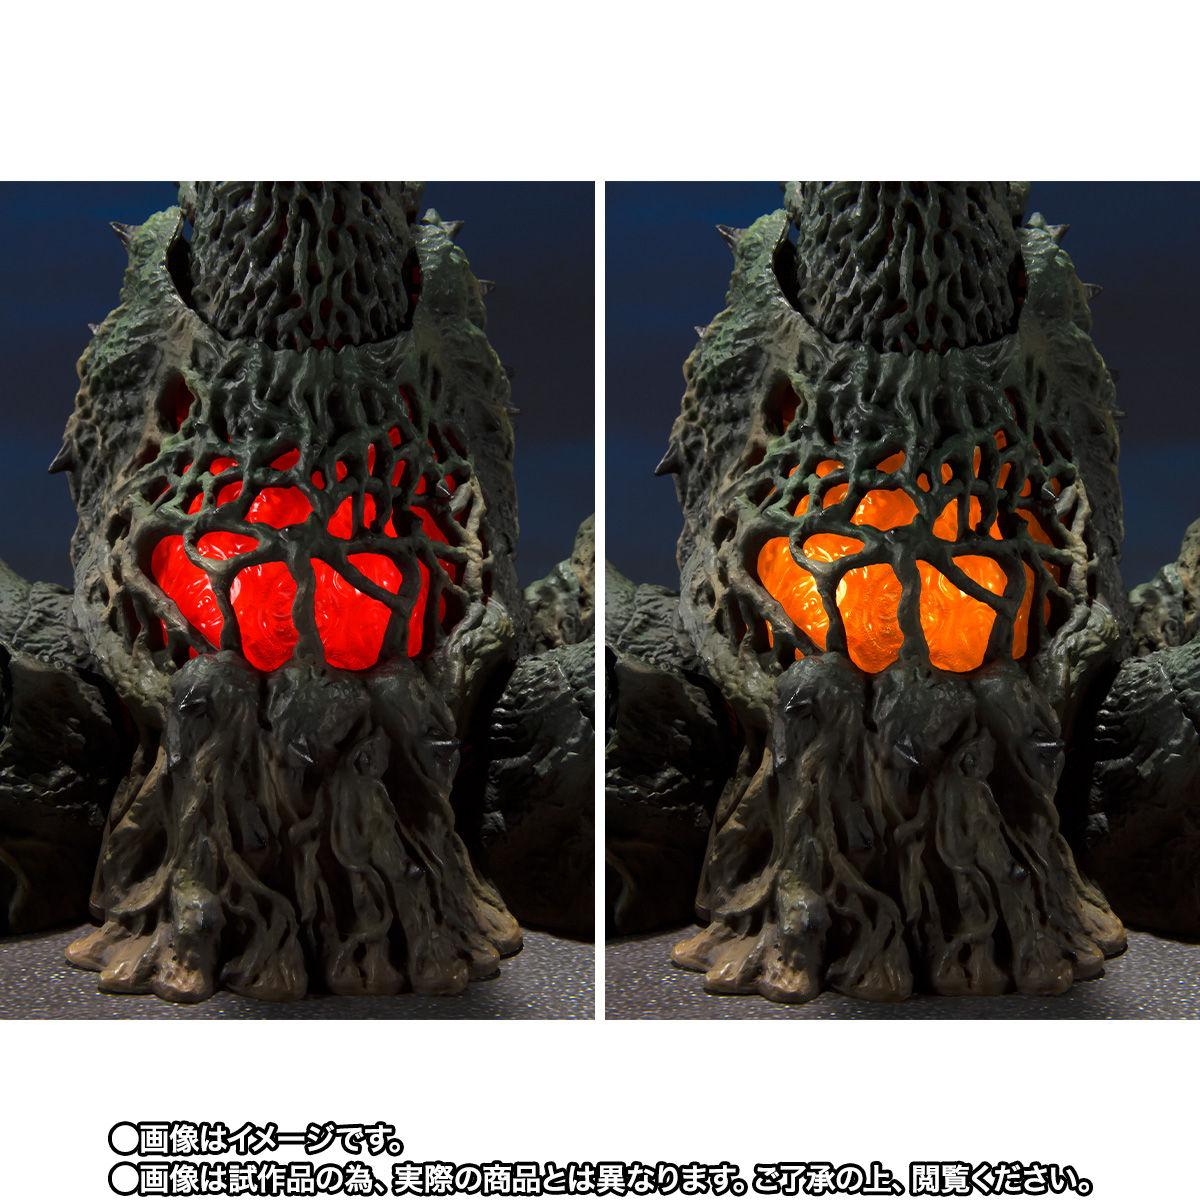 【限定販売】S.H.MonsterArts『ビオランテ Special Color Ver.』ゴジラvsビオランテ 可動フィギュア-009